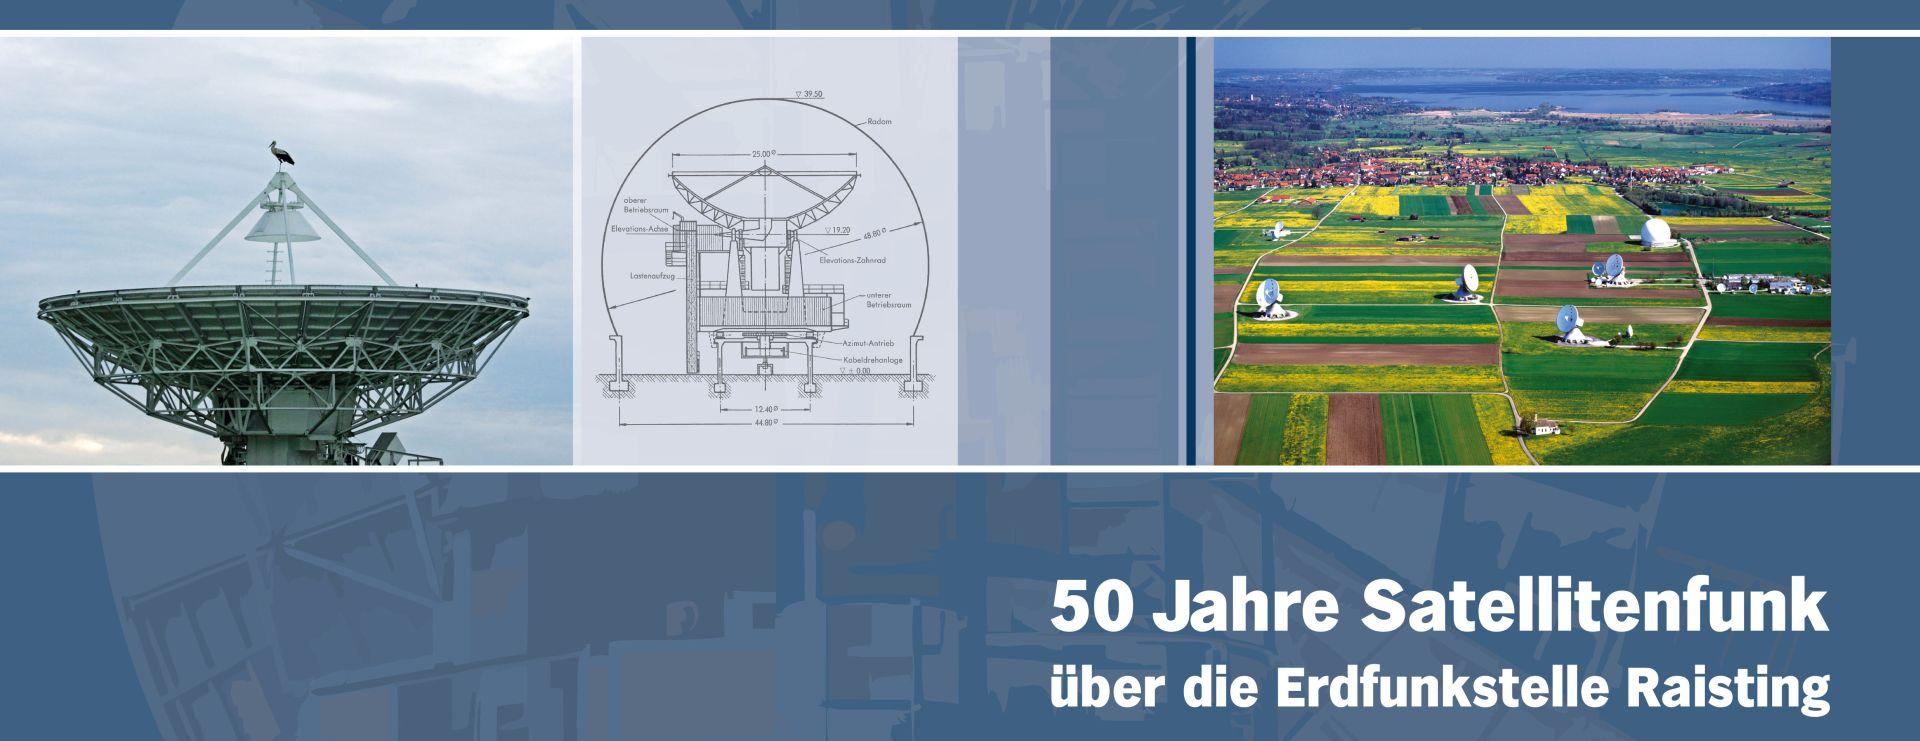 50 Jahre Satellitenfunk Erdfunkstelle und Radom Raisting